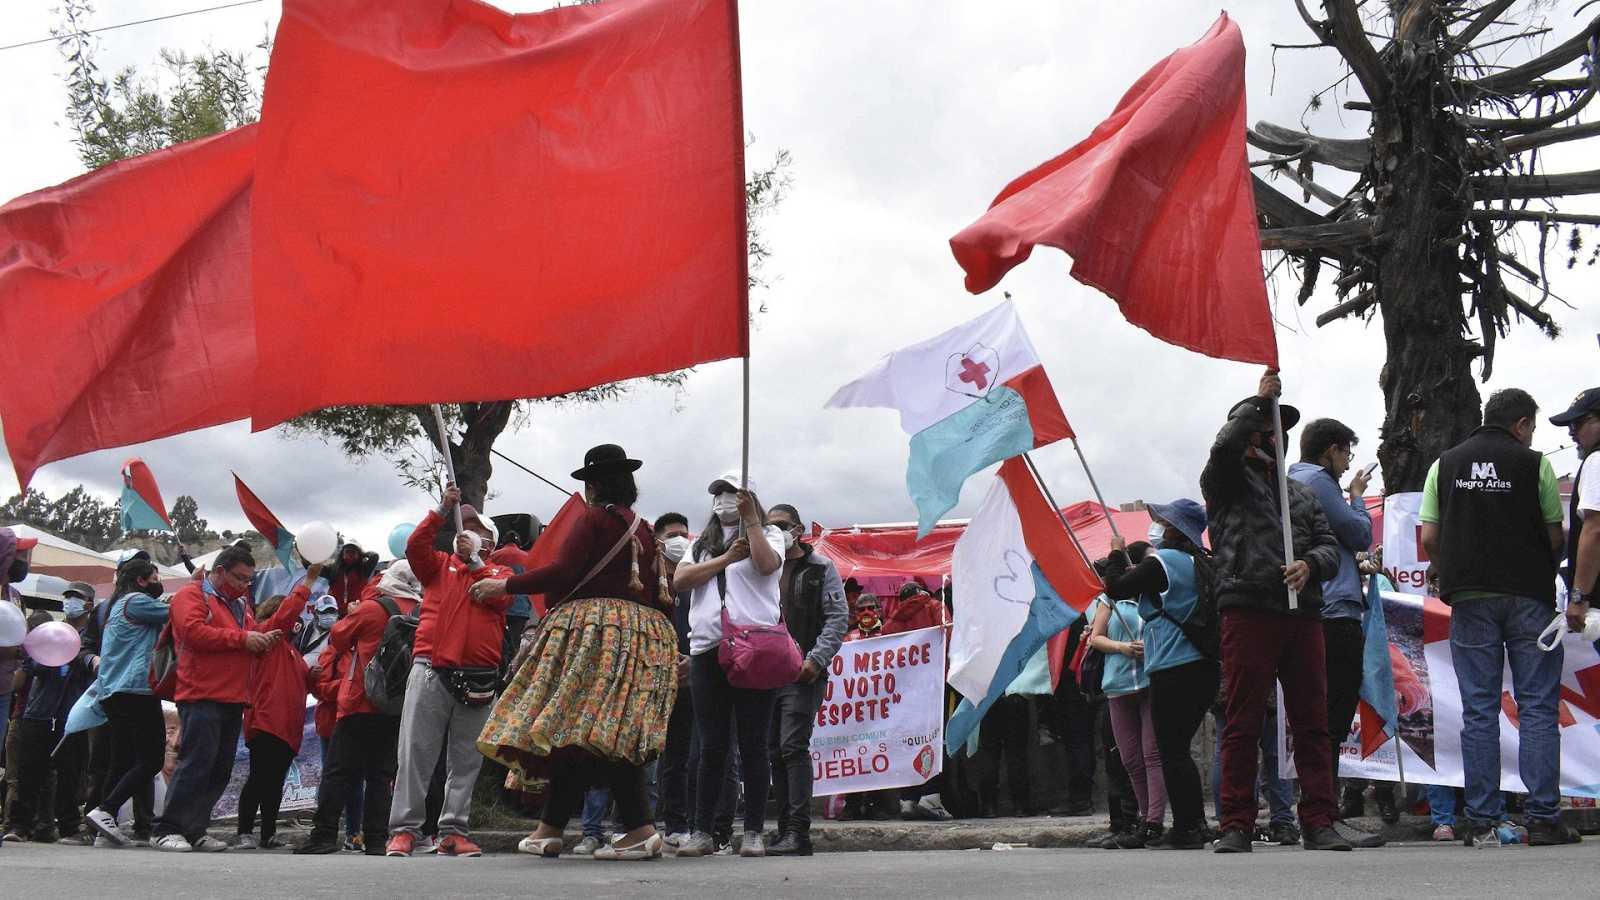 España a las 8 Fin de Semana - Perú afronta elecciones con los sondeos augurando un posible empate entre cinco candidatos - Escuchar ahora